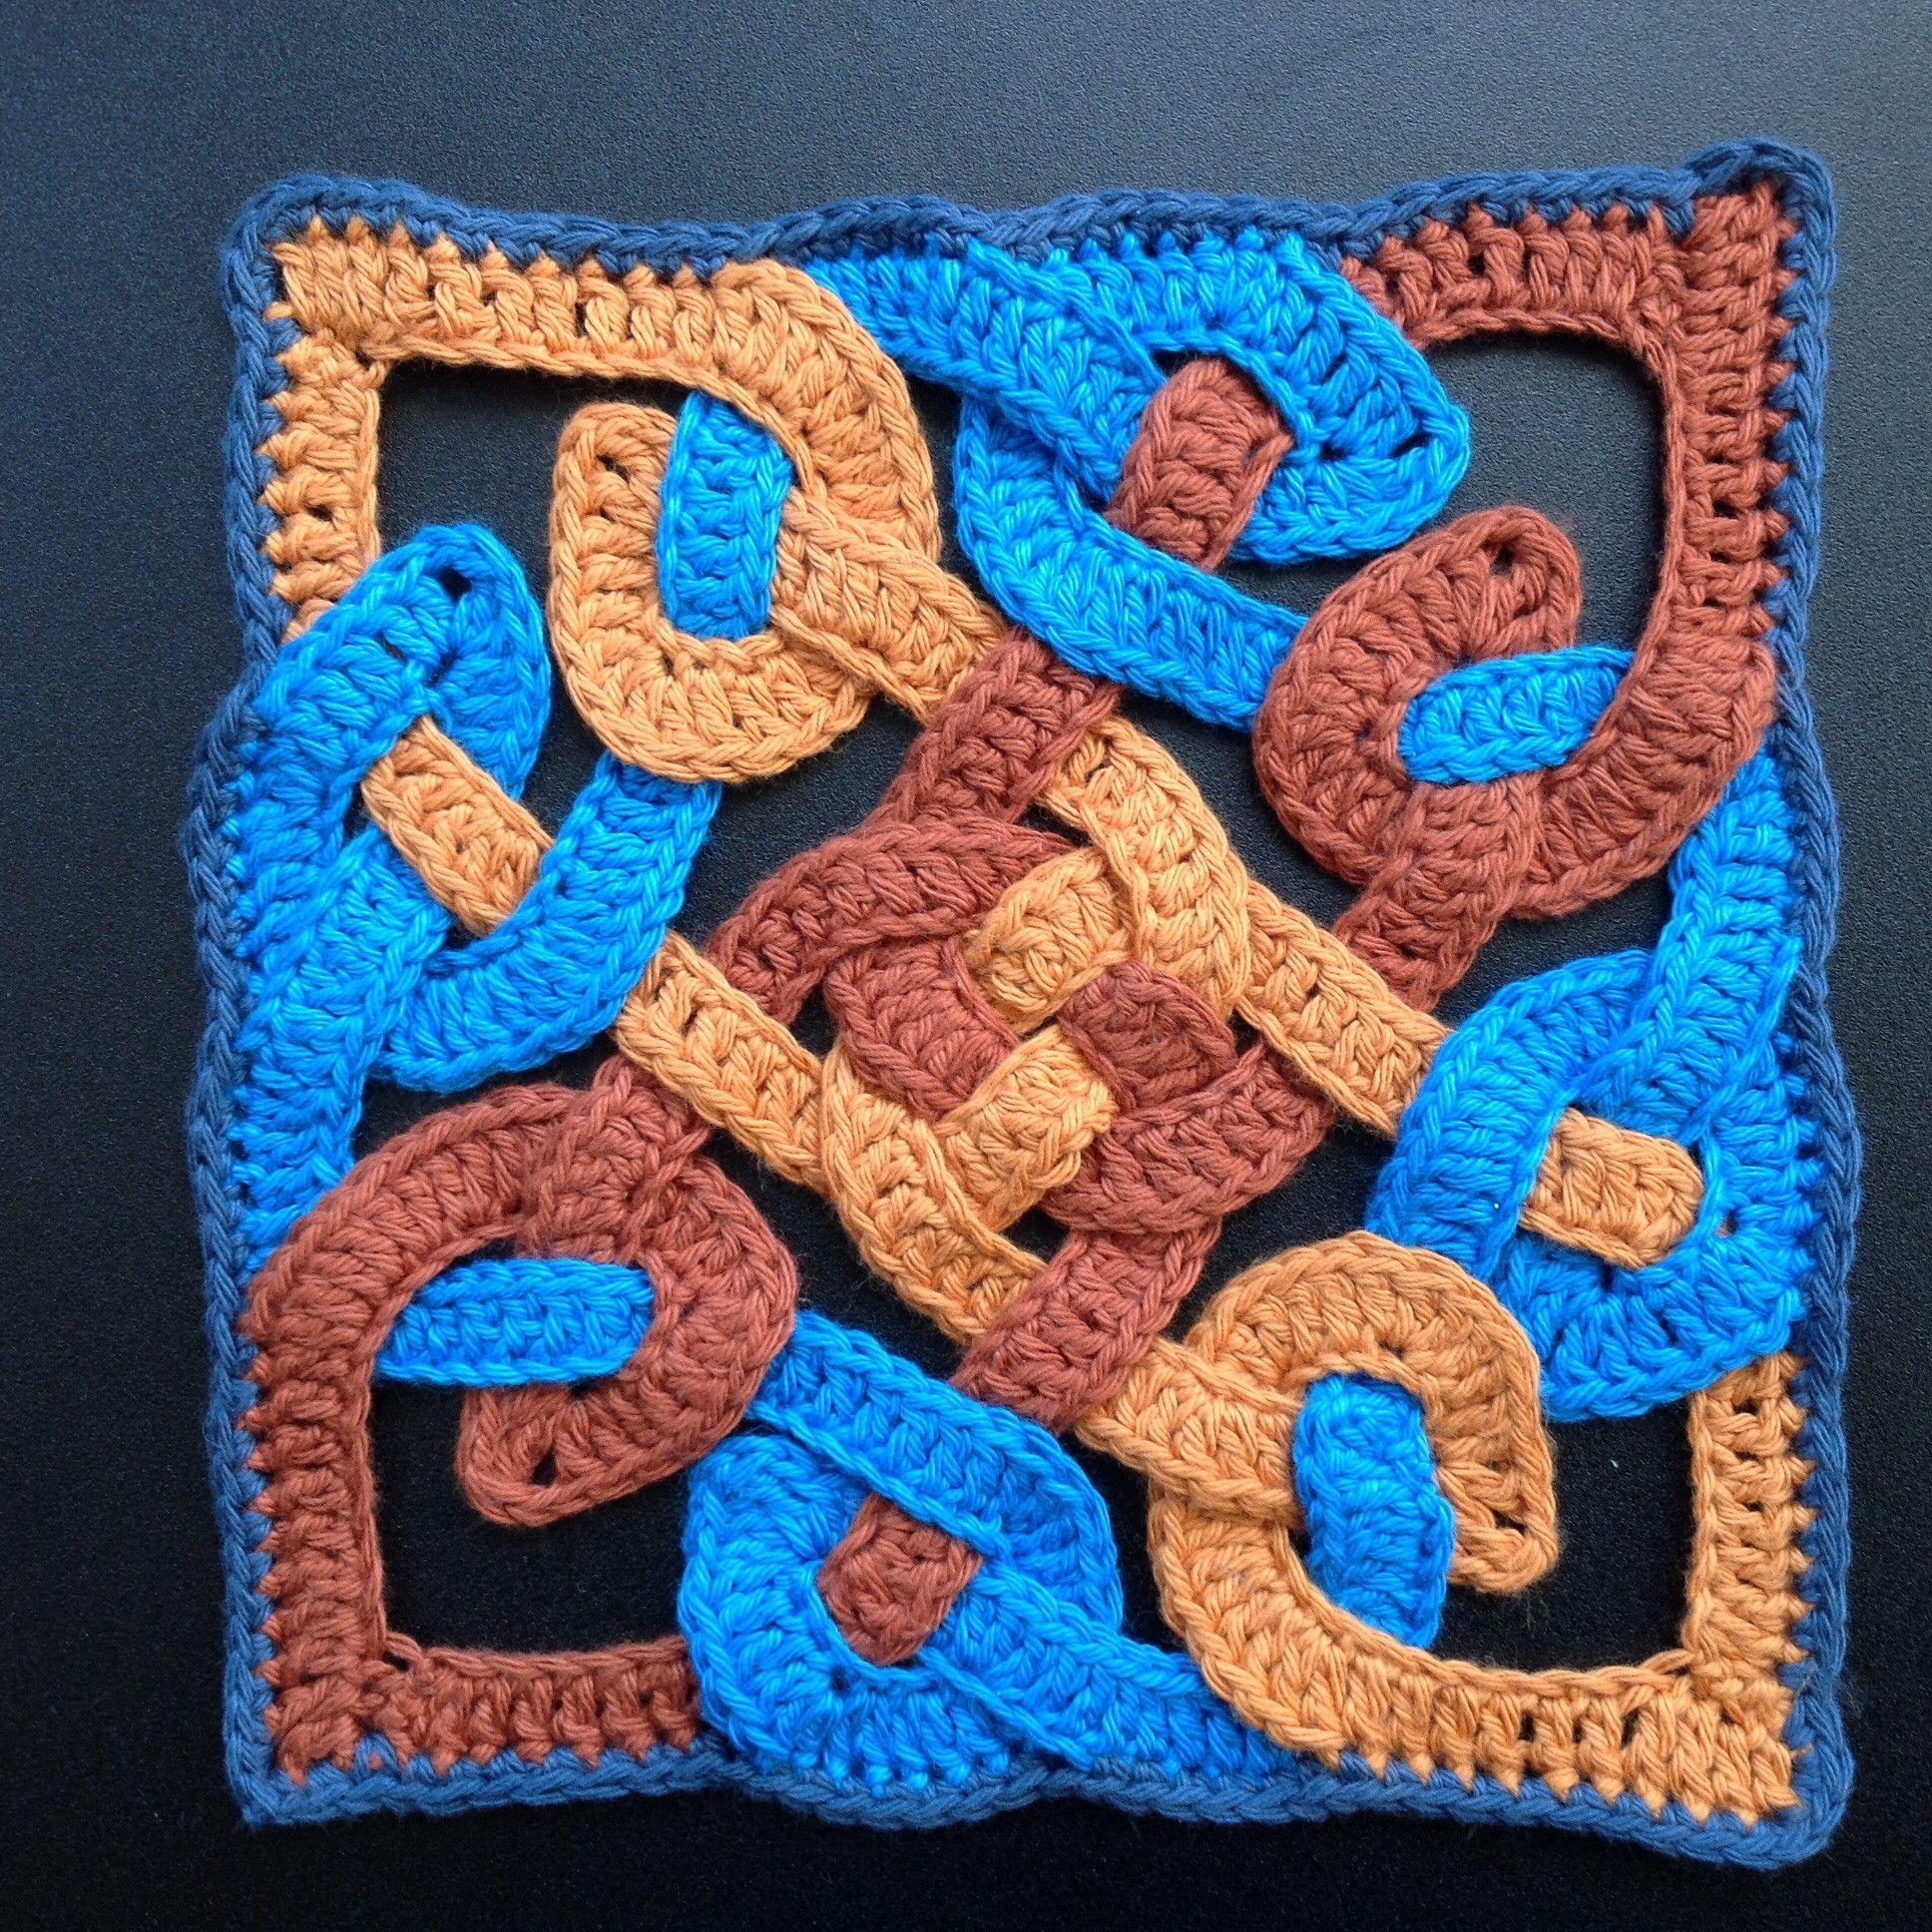 Suvis Crochet Celtic Knot Motif Free Pattern Crochet Crochet